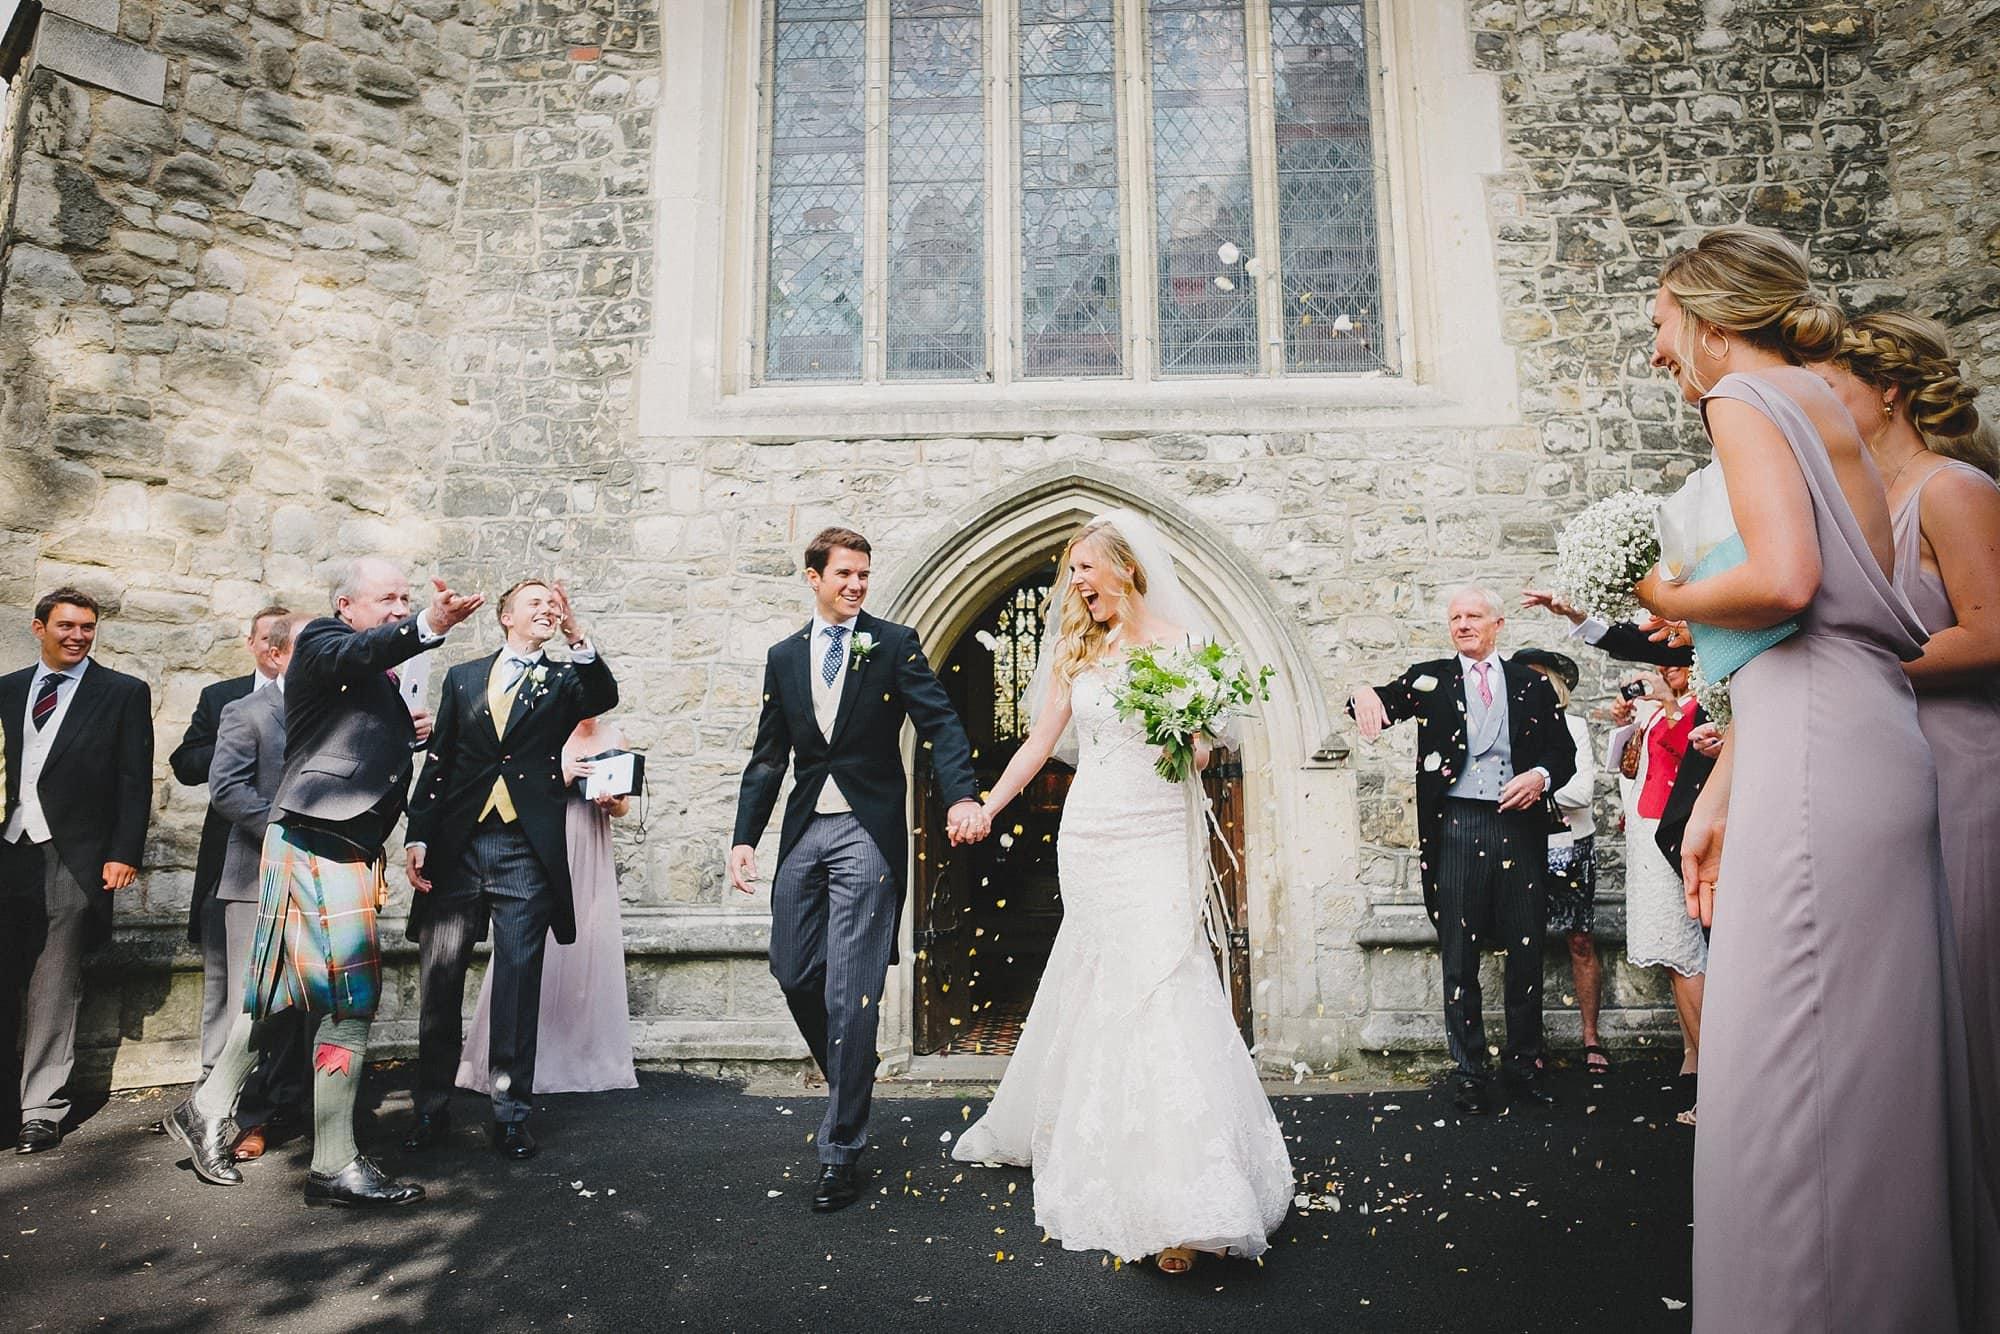 fulham palace wedding photographer 040 - Rosanna & Duncan's Fulham Palace Wedding